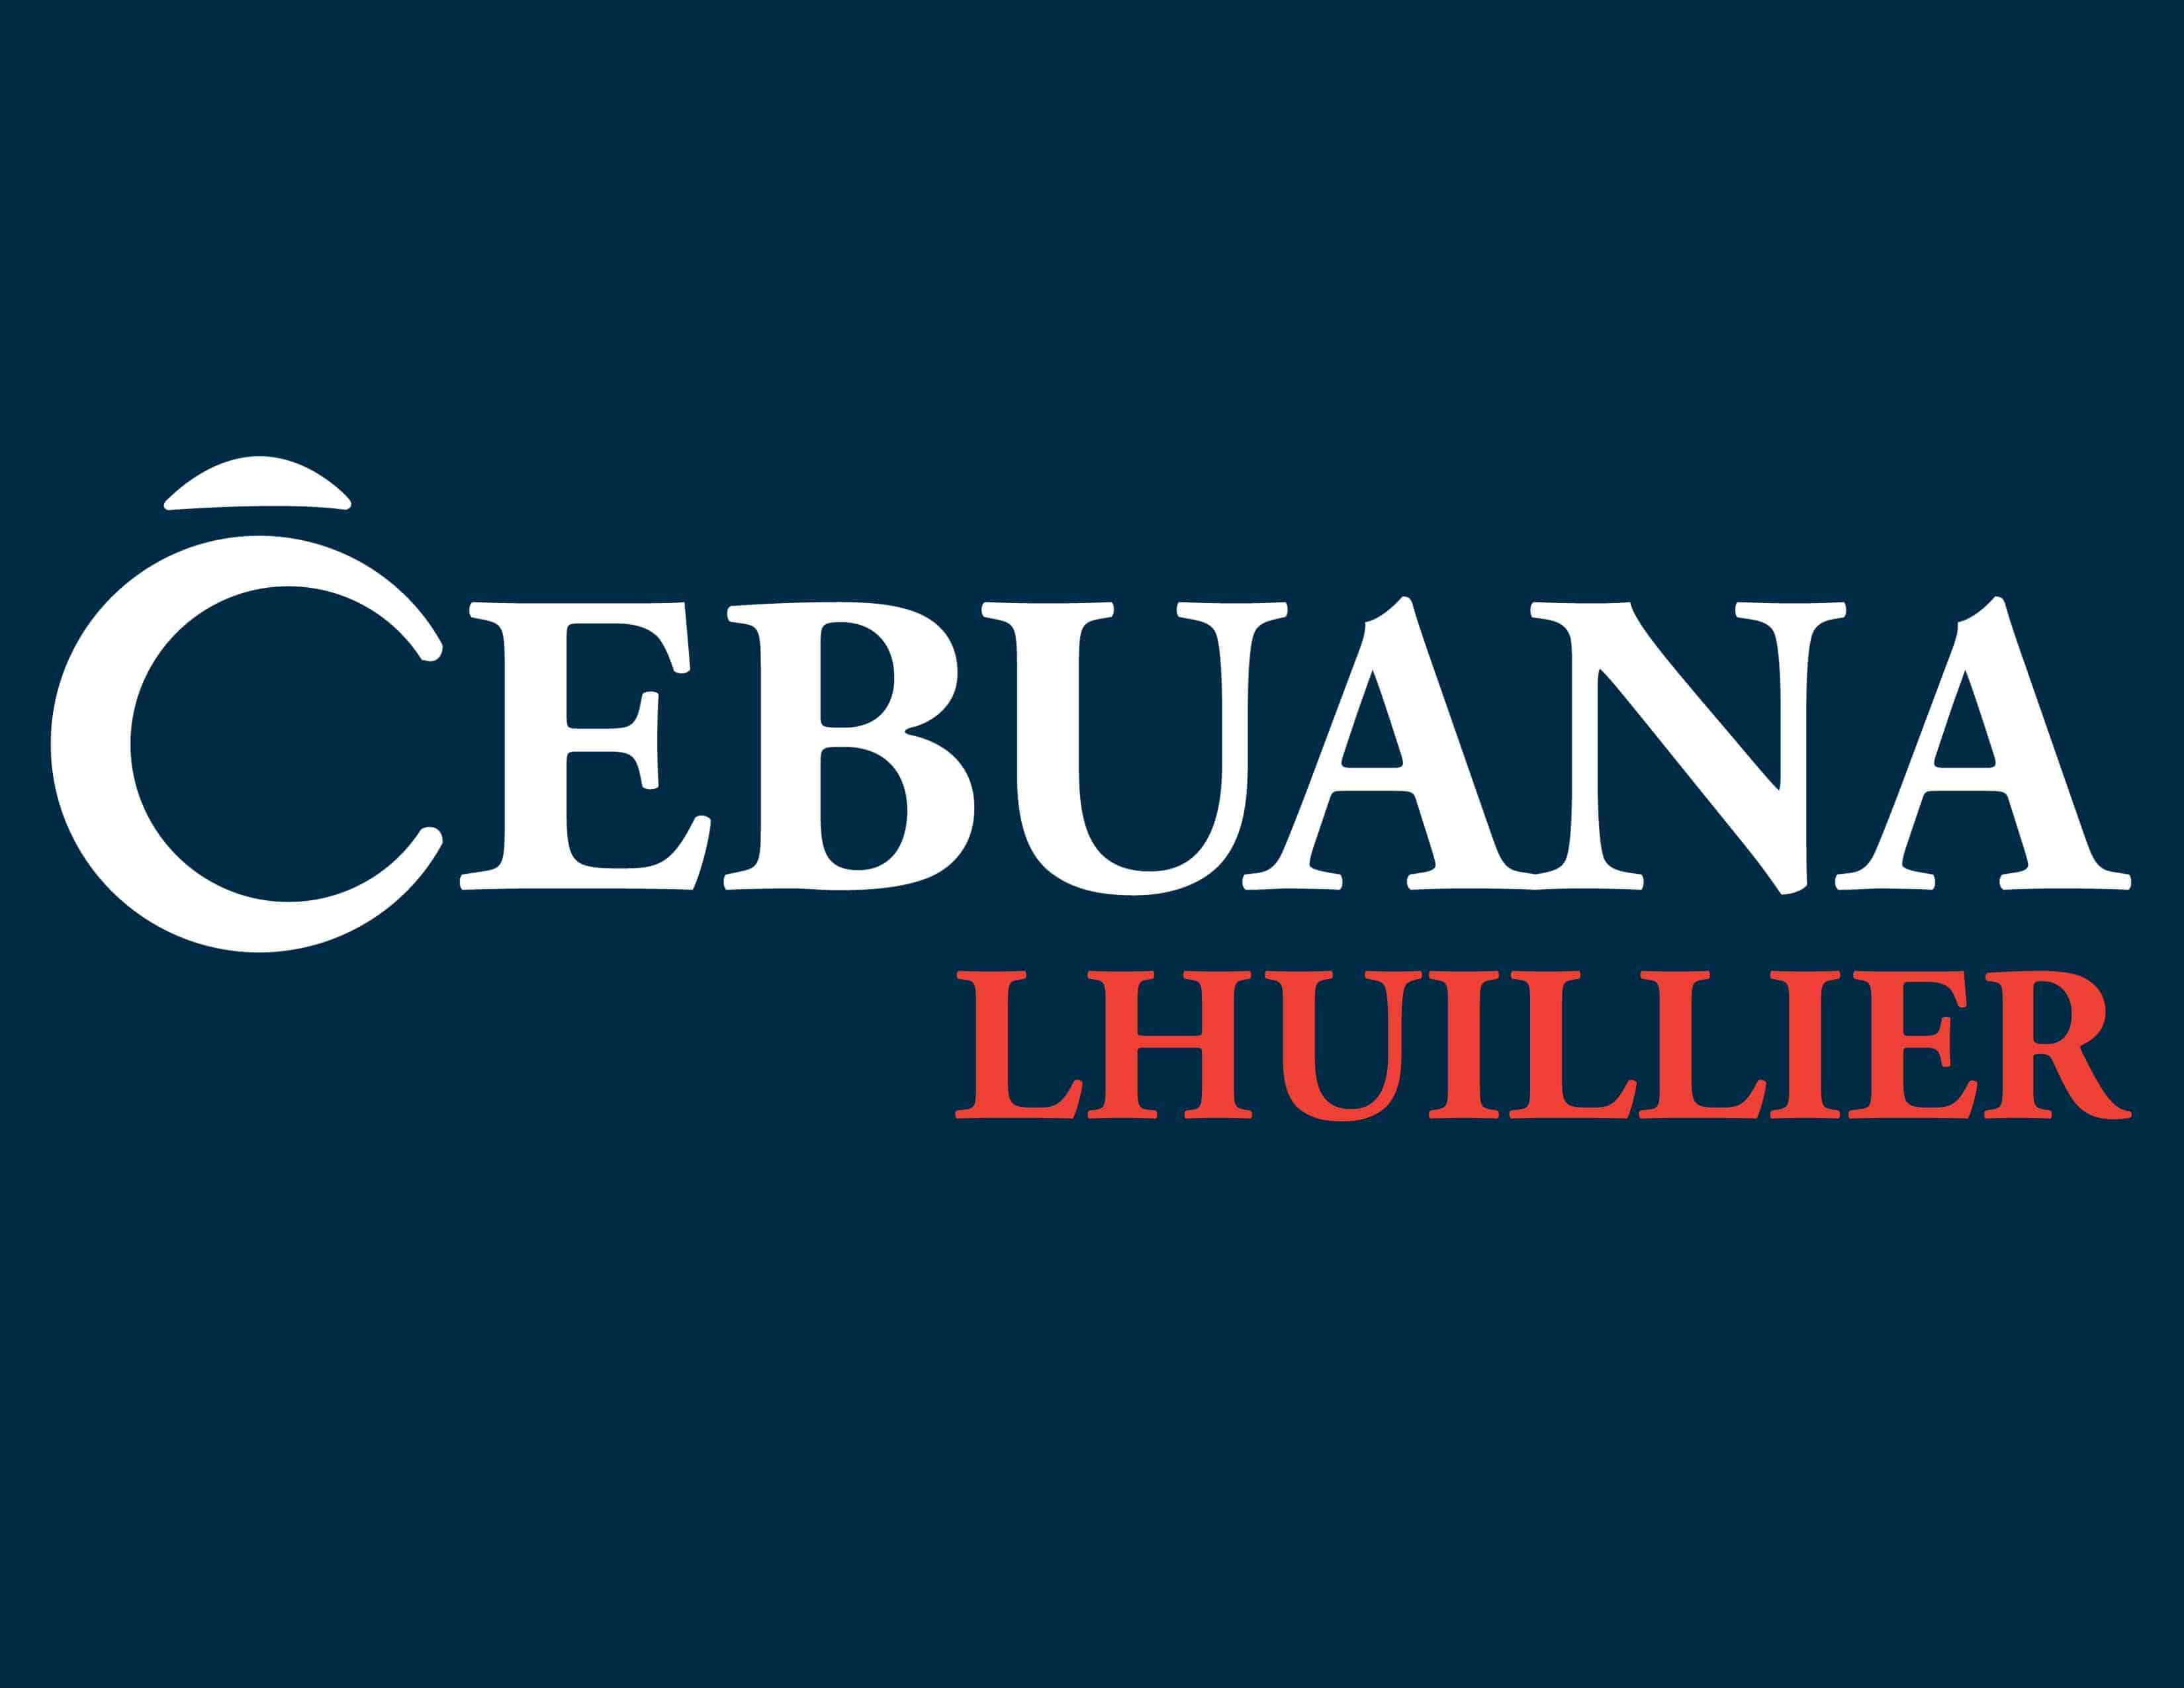 Cebuana